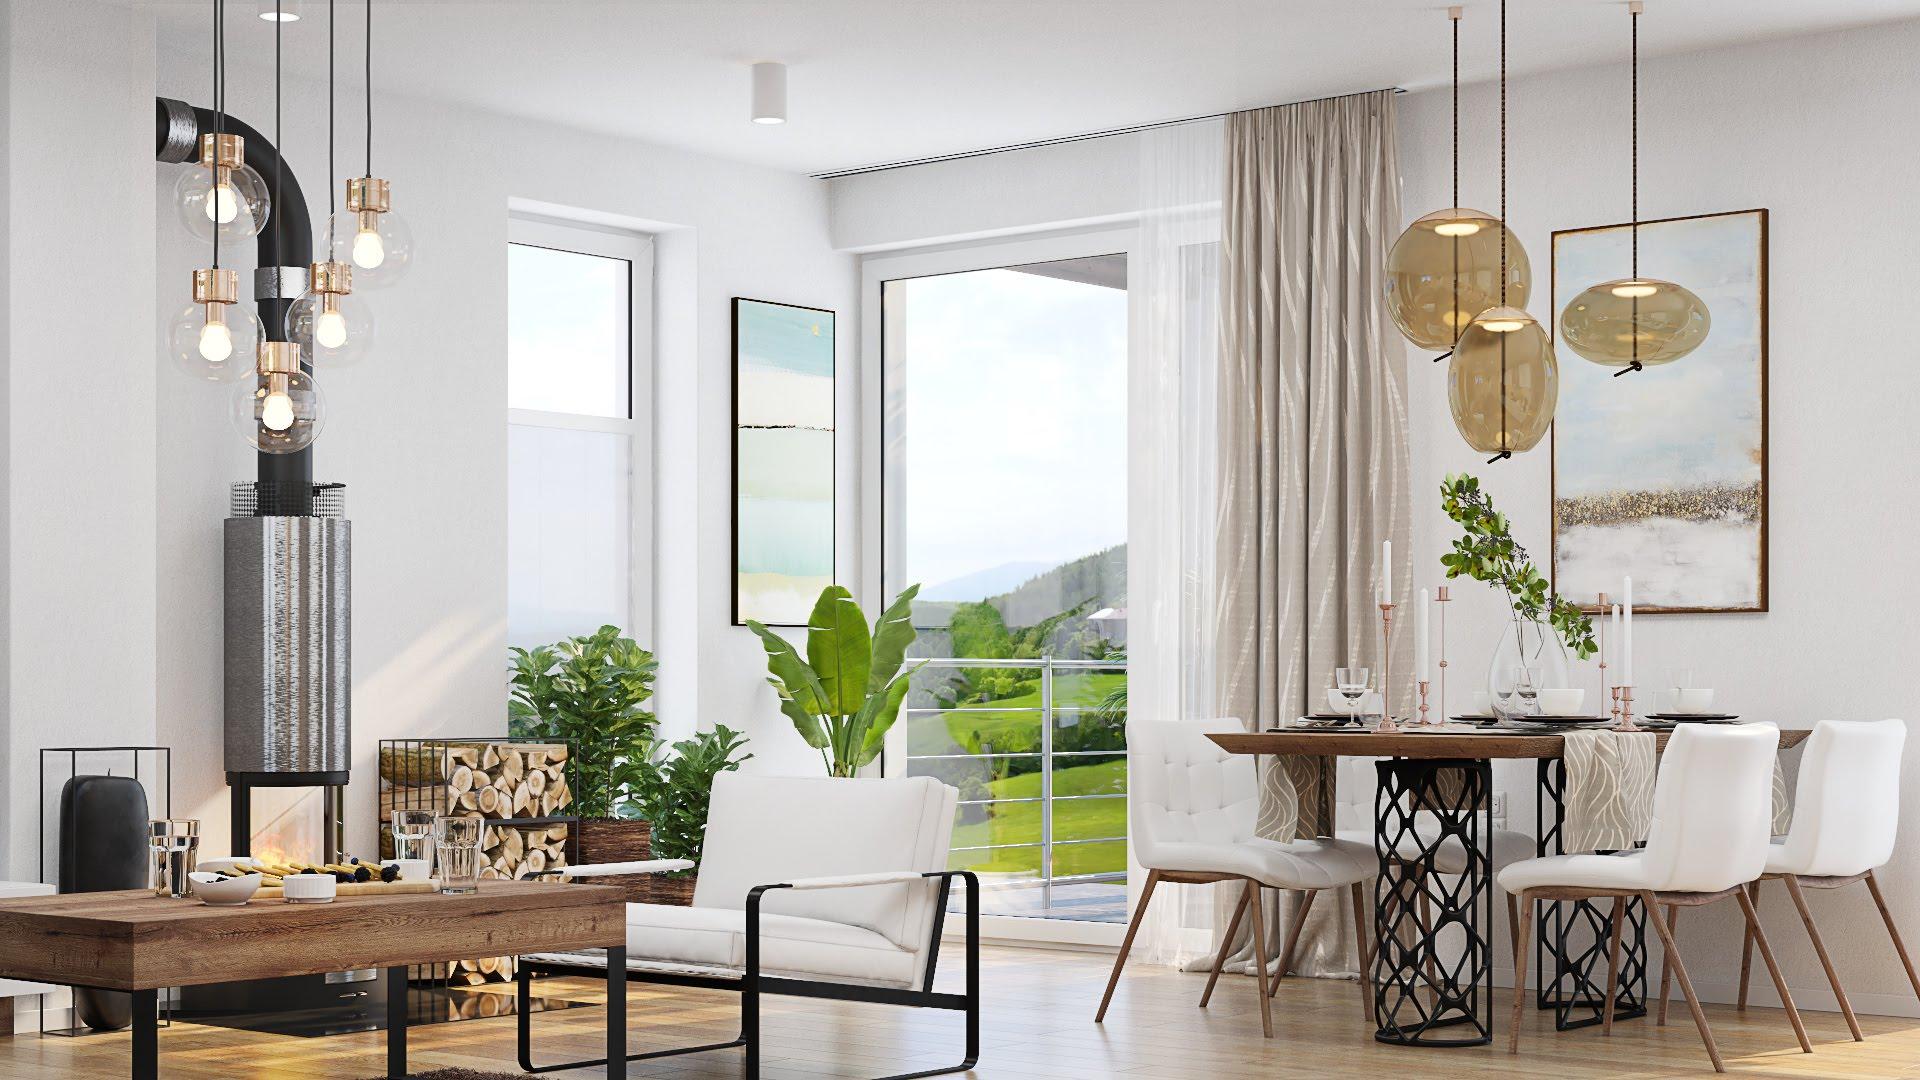 Návrh interiéru obývacej izby s kuchyňou v rodinnom dome - Košice,Kavečany